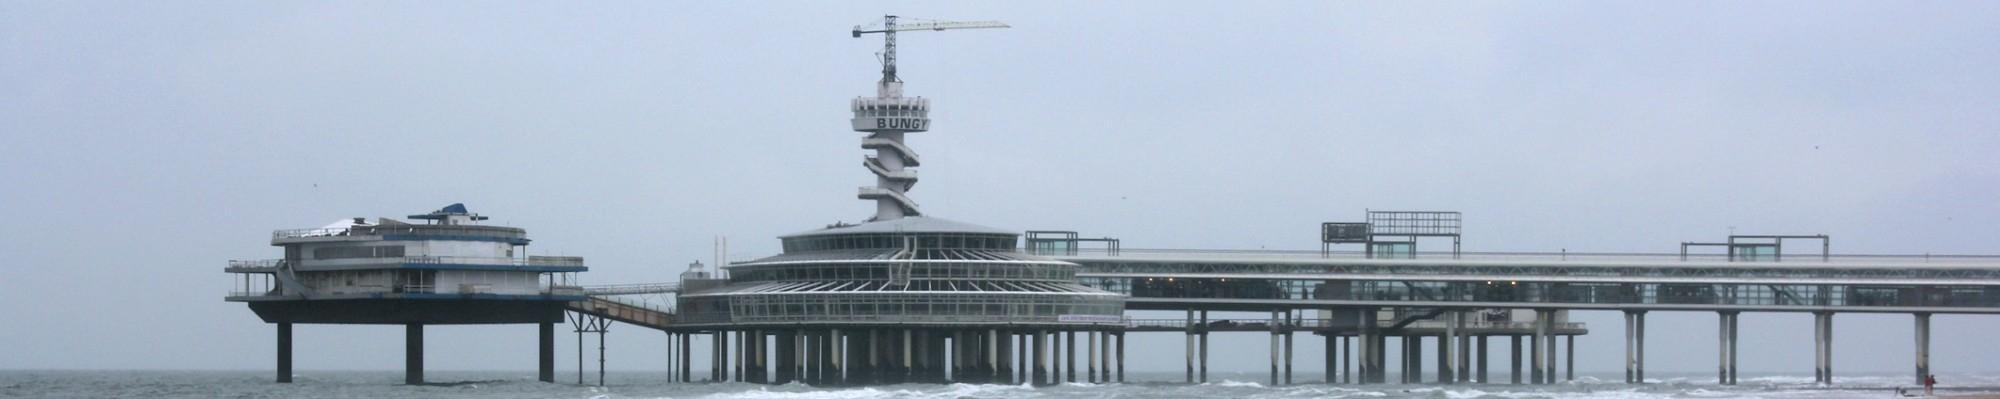 De Schevenings Pier